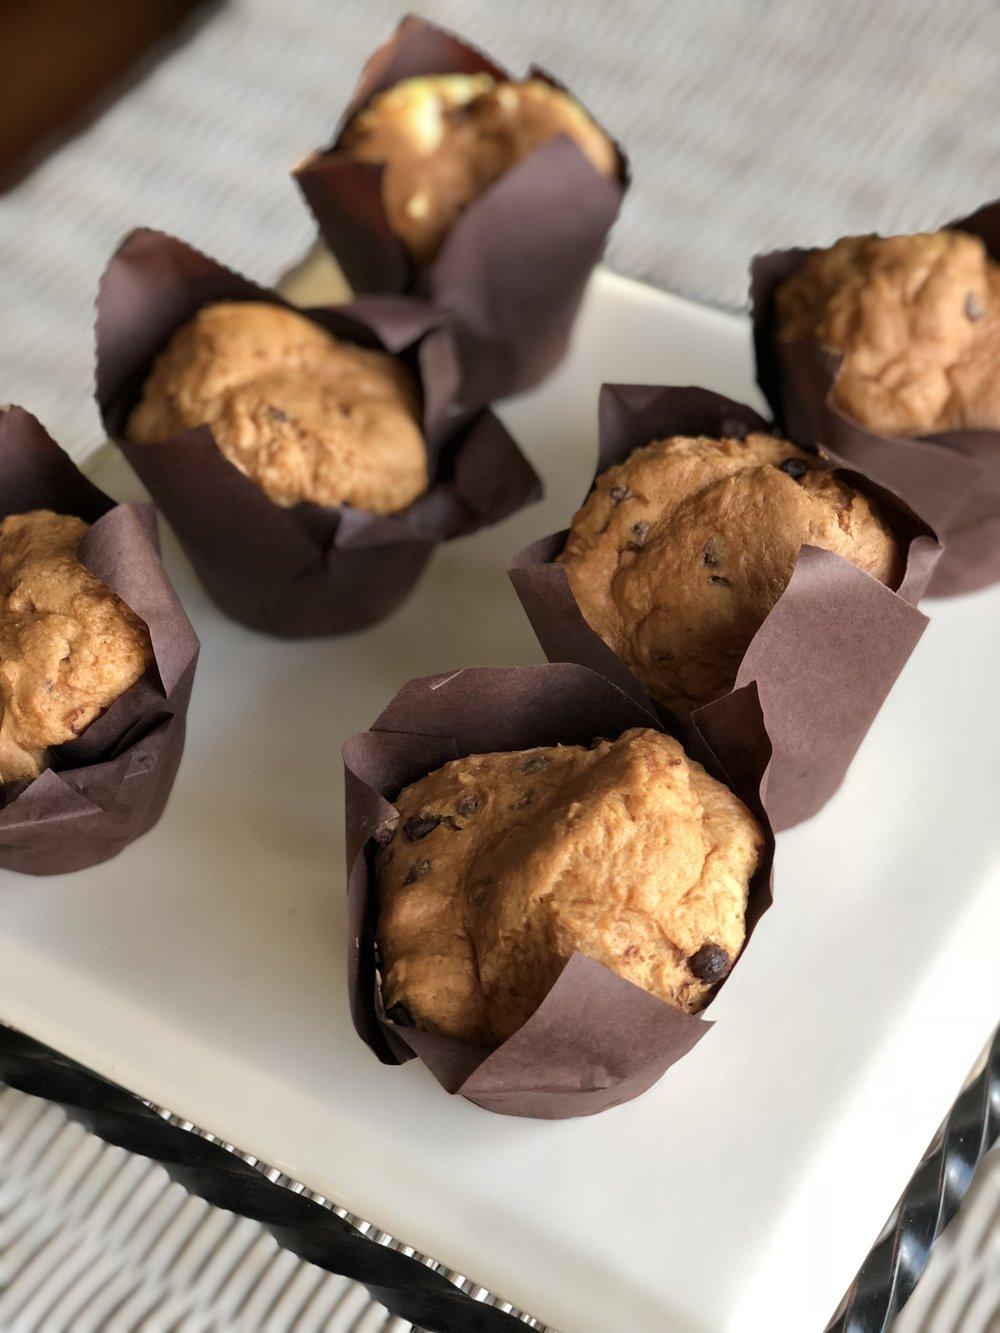 Gluten, Dairy, & Soy Free Chocolate Chip Sweet Bread  $27 per one dozen  $15 per 1/2 dozen